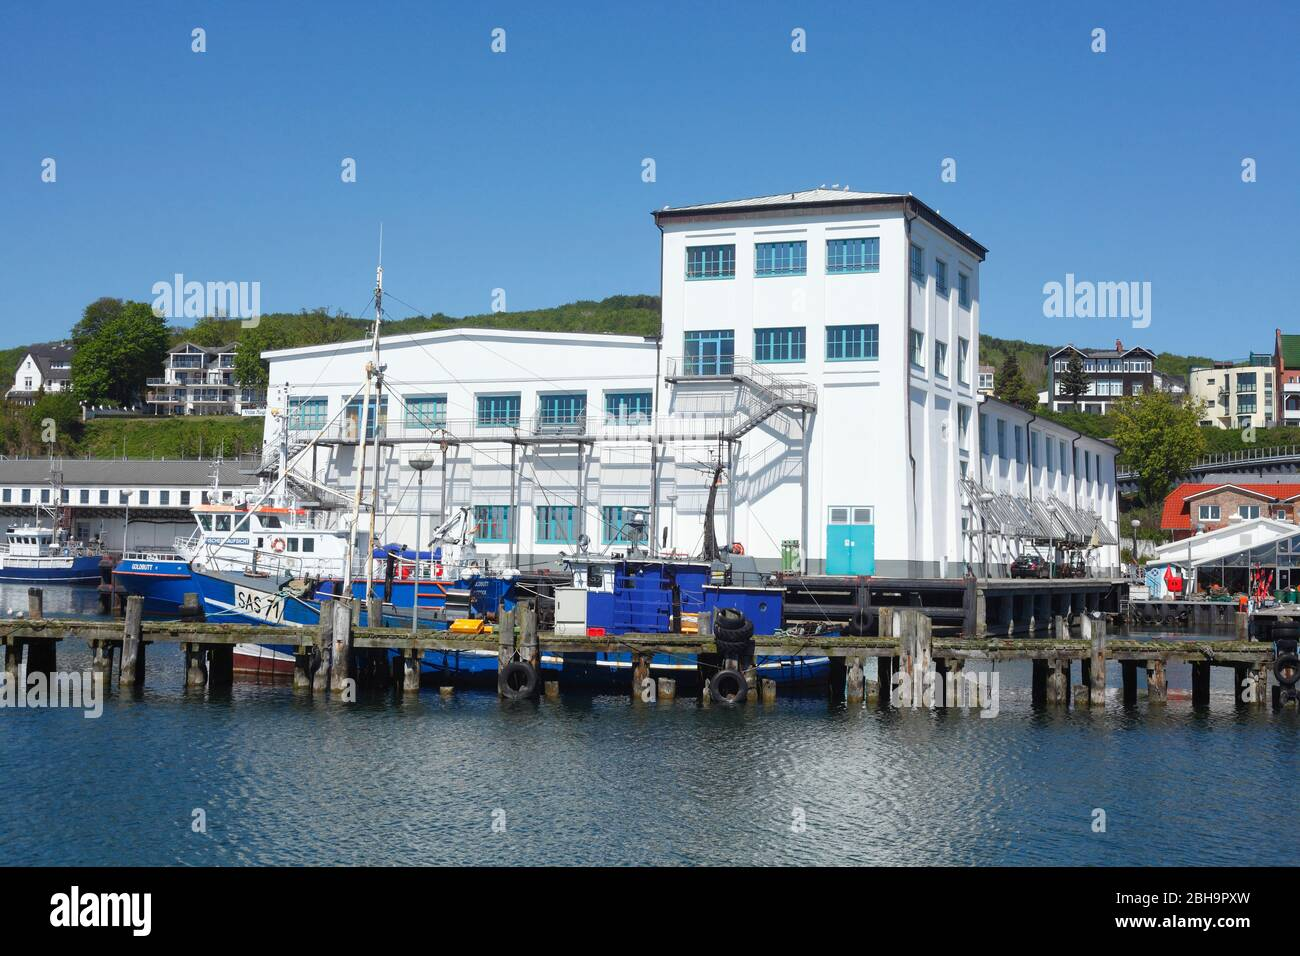 Stadthafen, Sassnitz, Rügen, Mecklenburg-Vorpommern, Germany, Europe Stock Photo